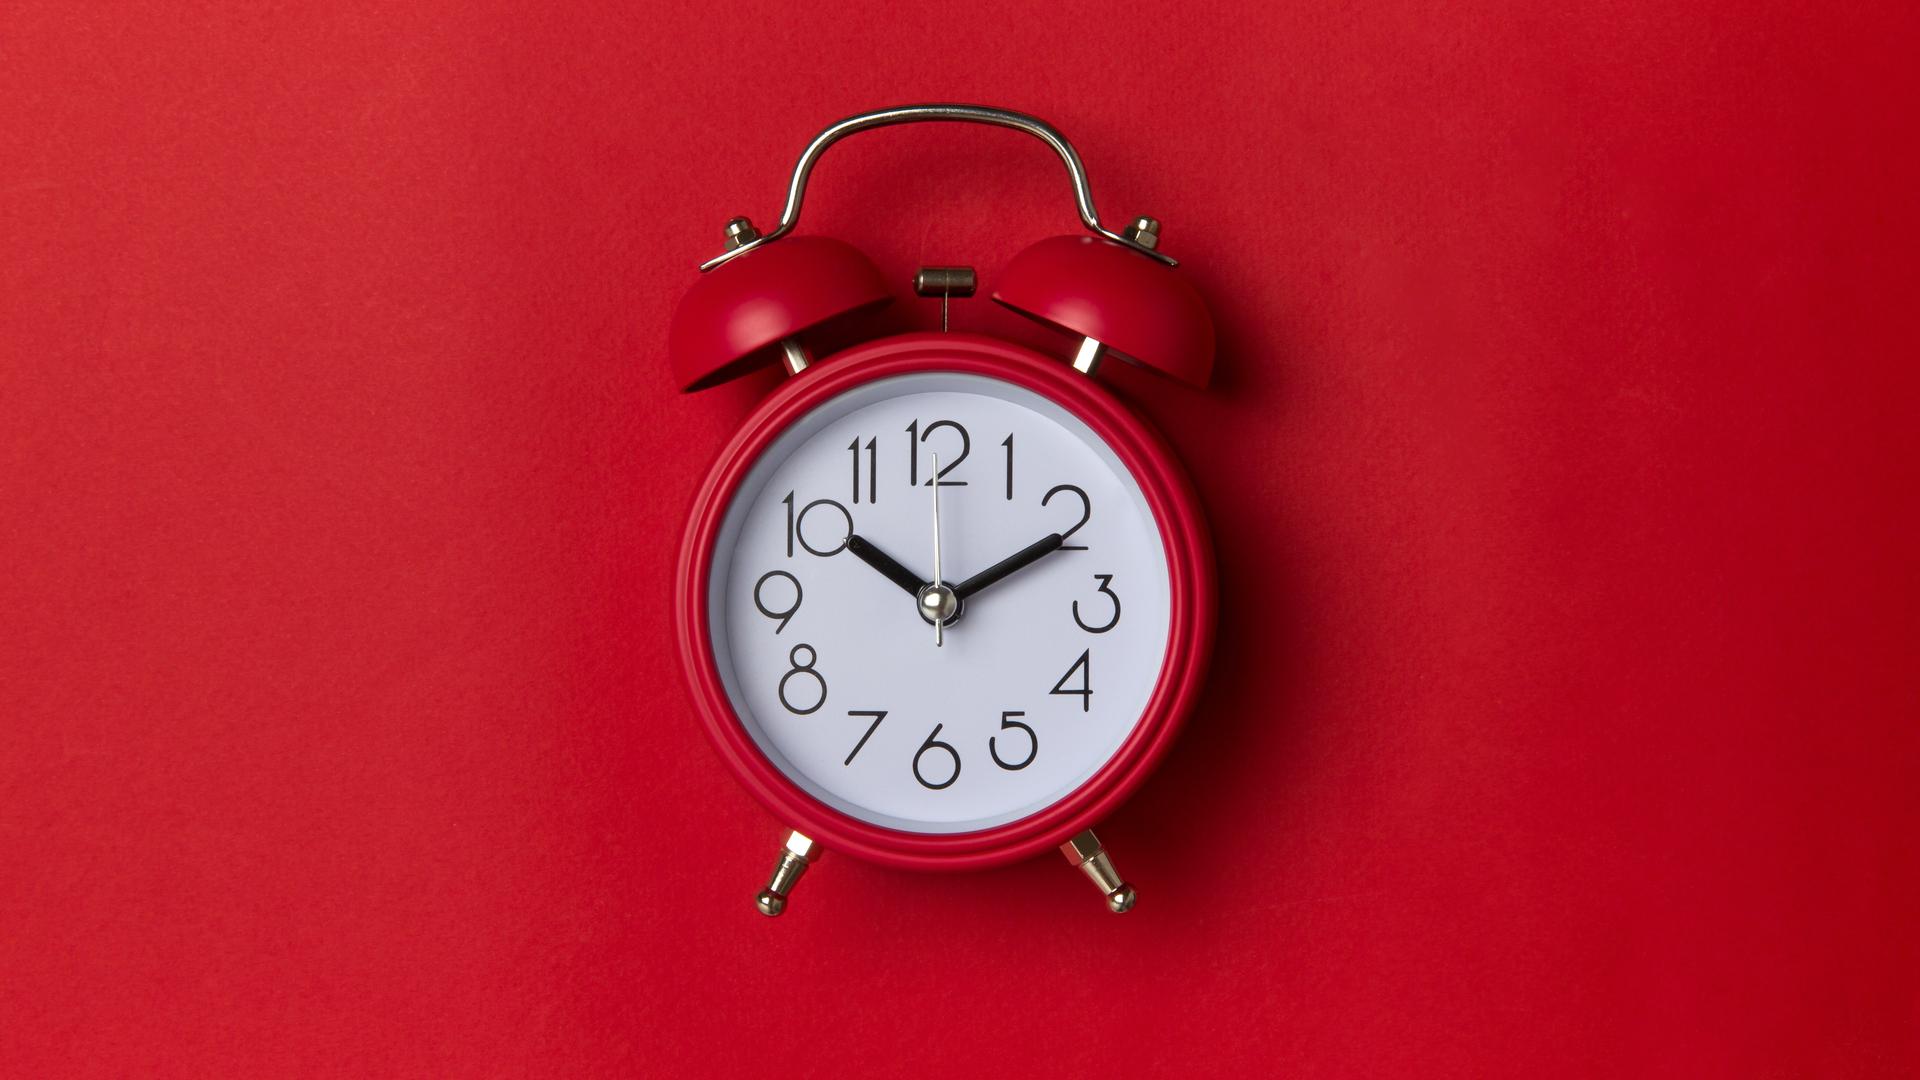 BaZi horloge, 4 piliers de la destinée